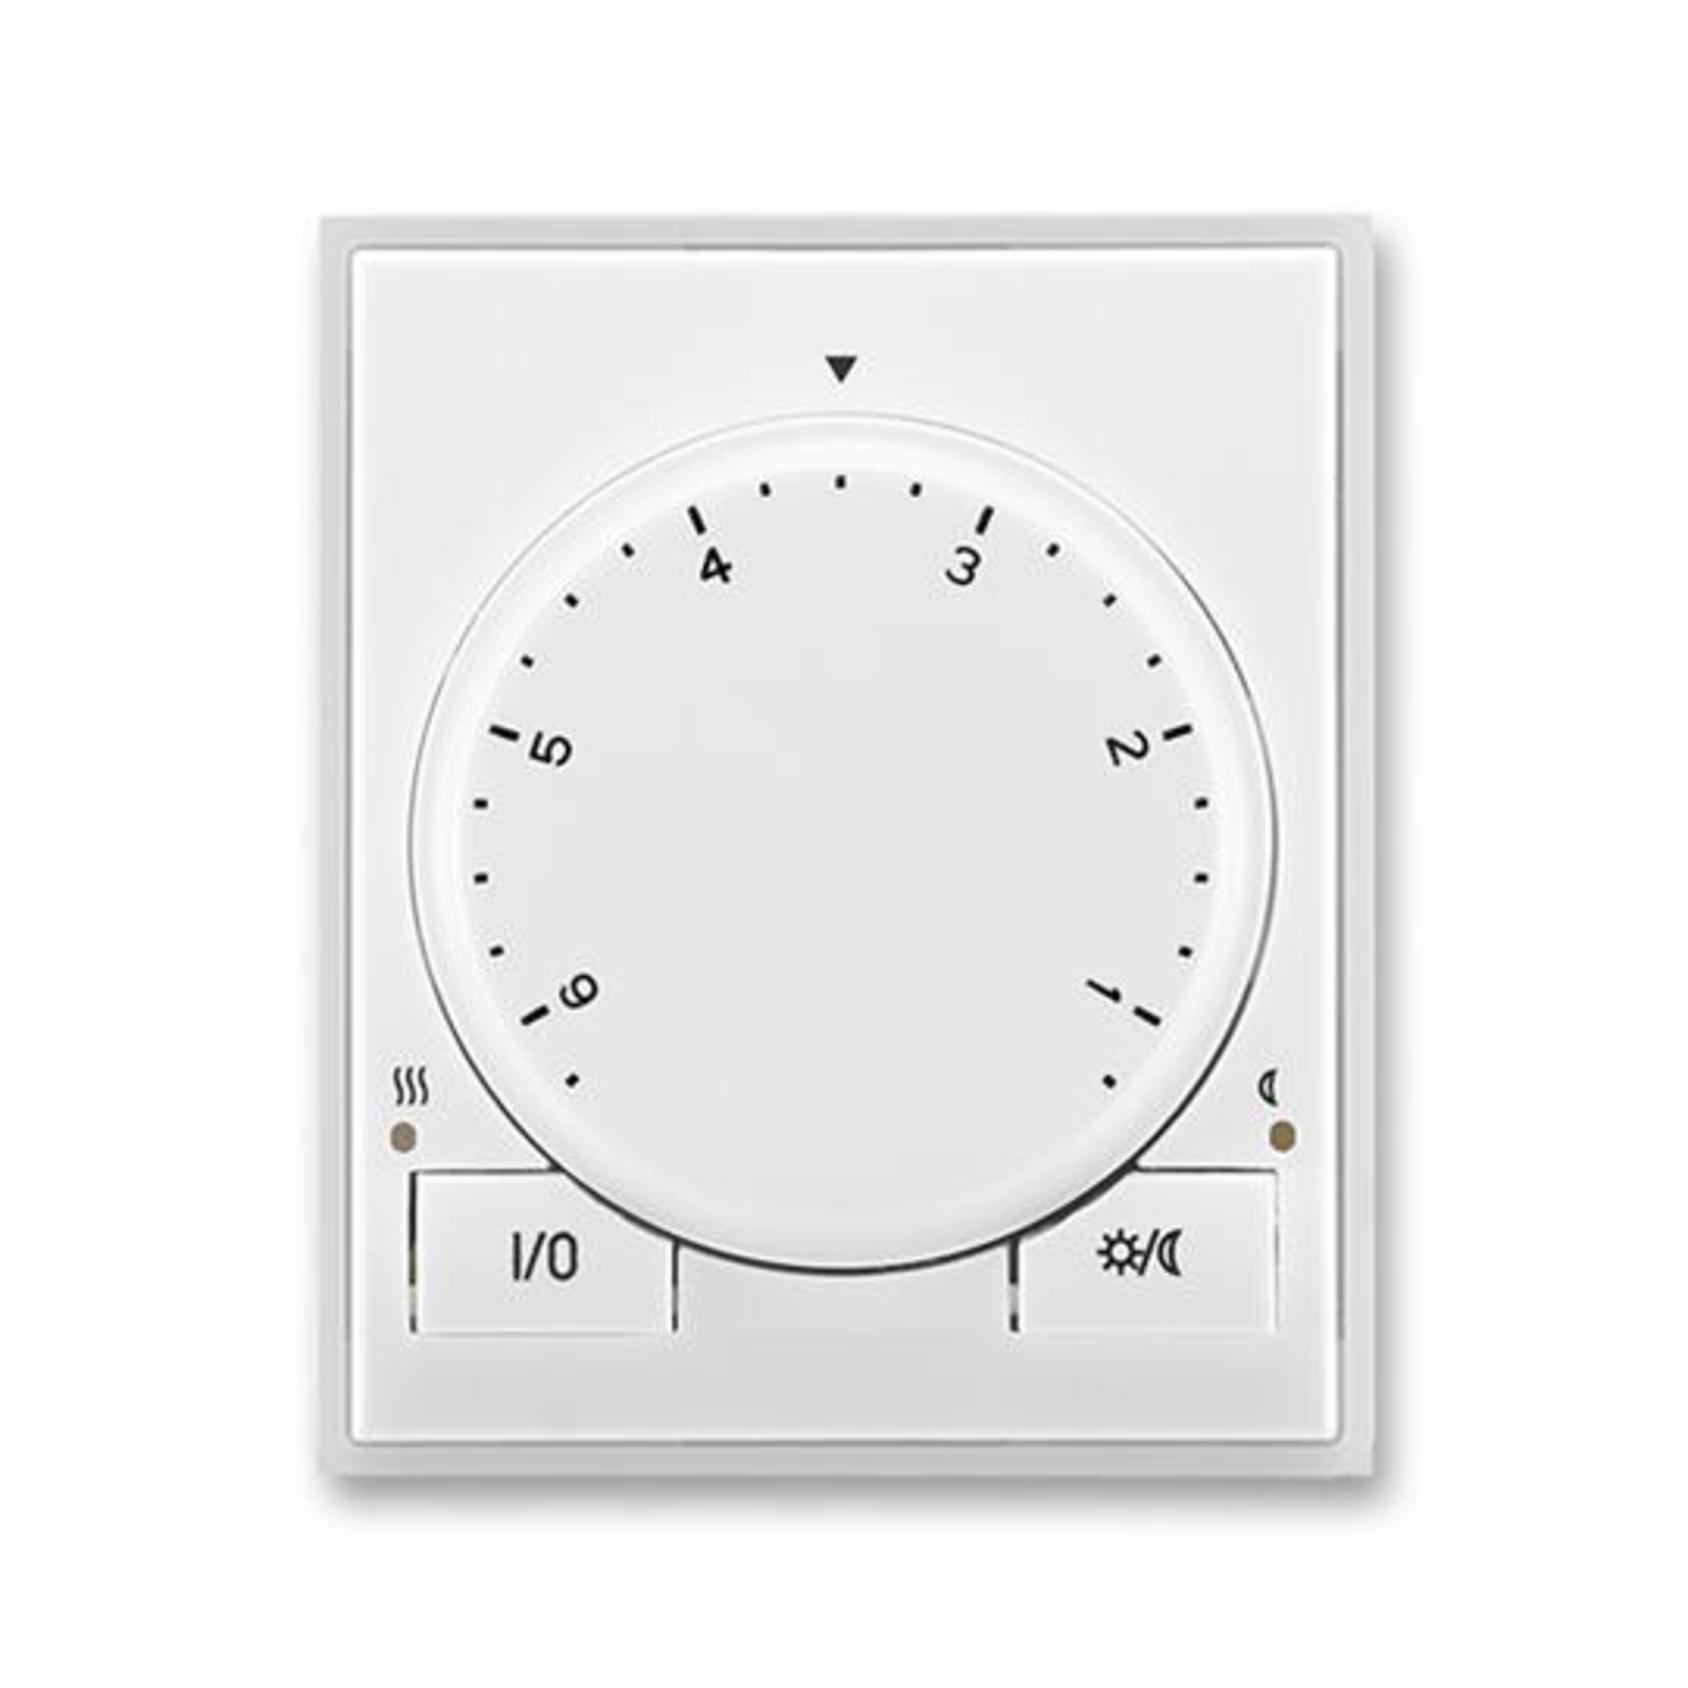 ABB 3292E-A10101 01 Element Termostat univerzální s otočným nastavením teploty (ovl. jednotka)